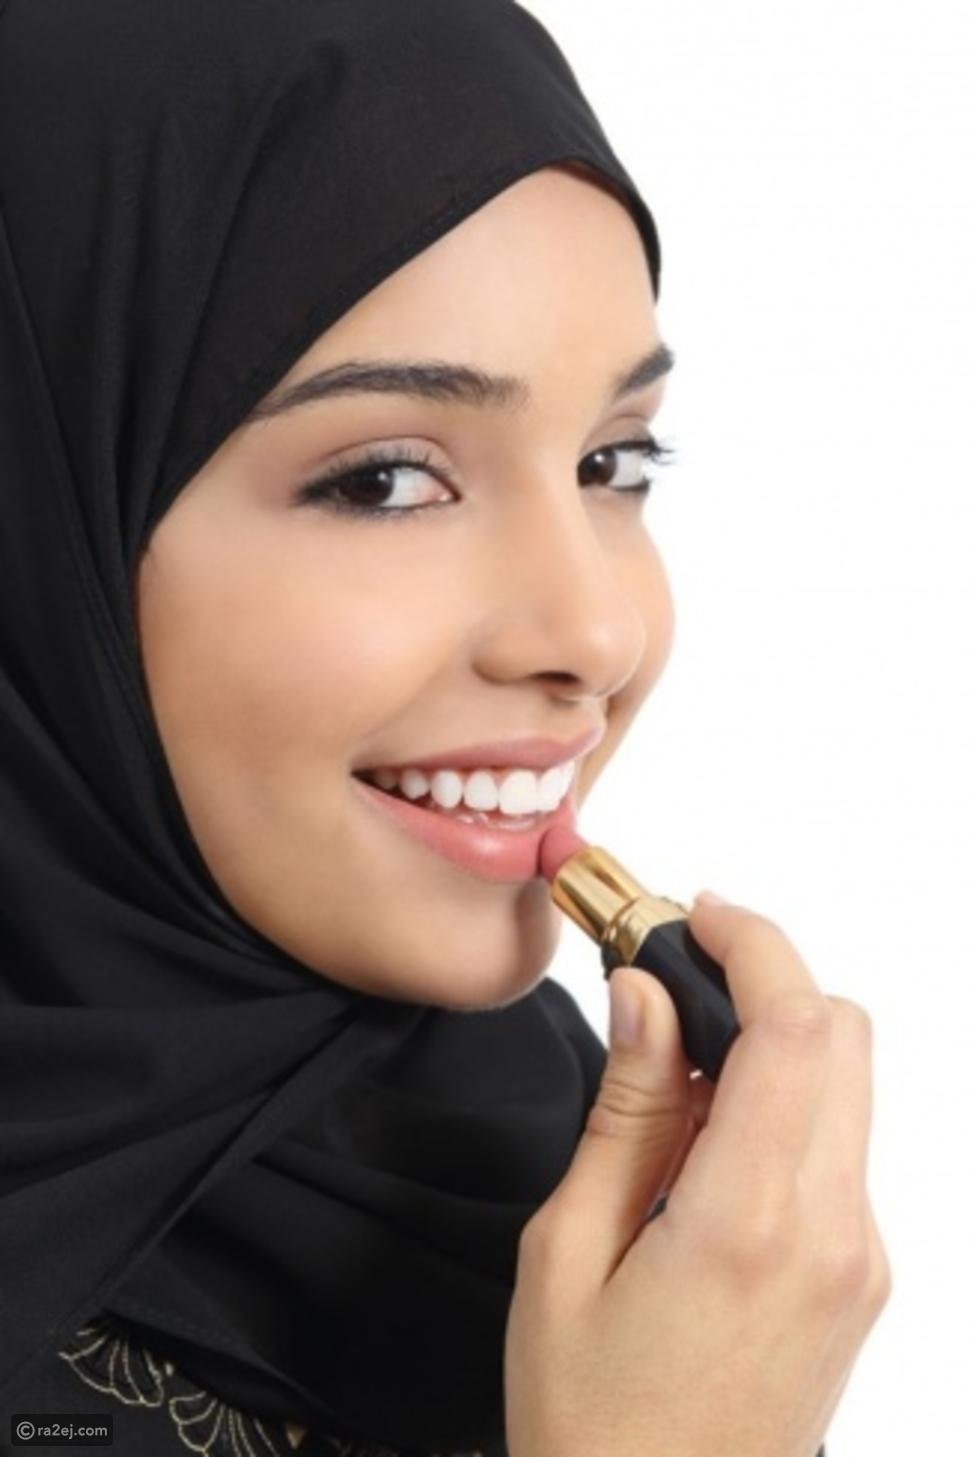 5 أشياء تميز المرأة السعودية عن نساء الأرض